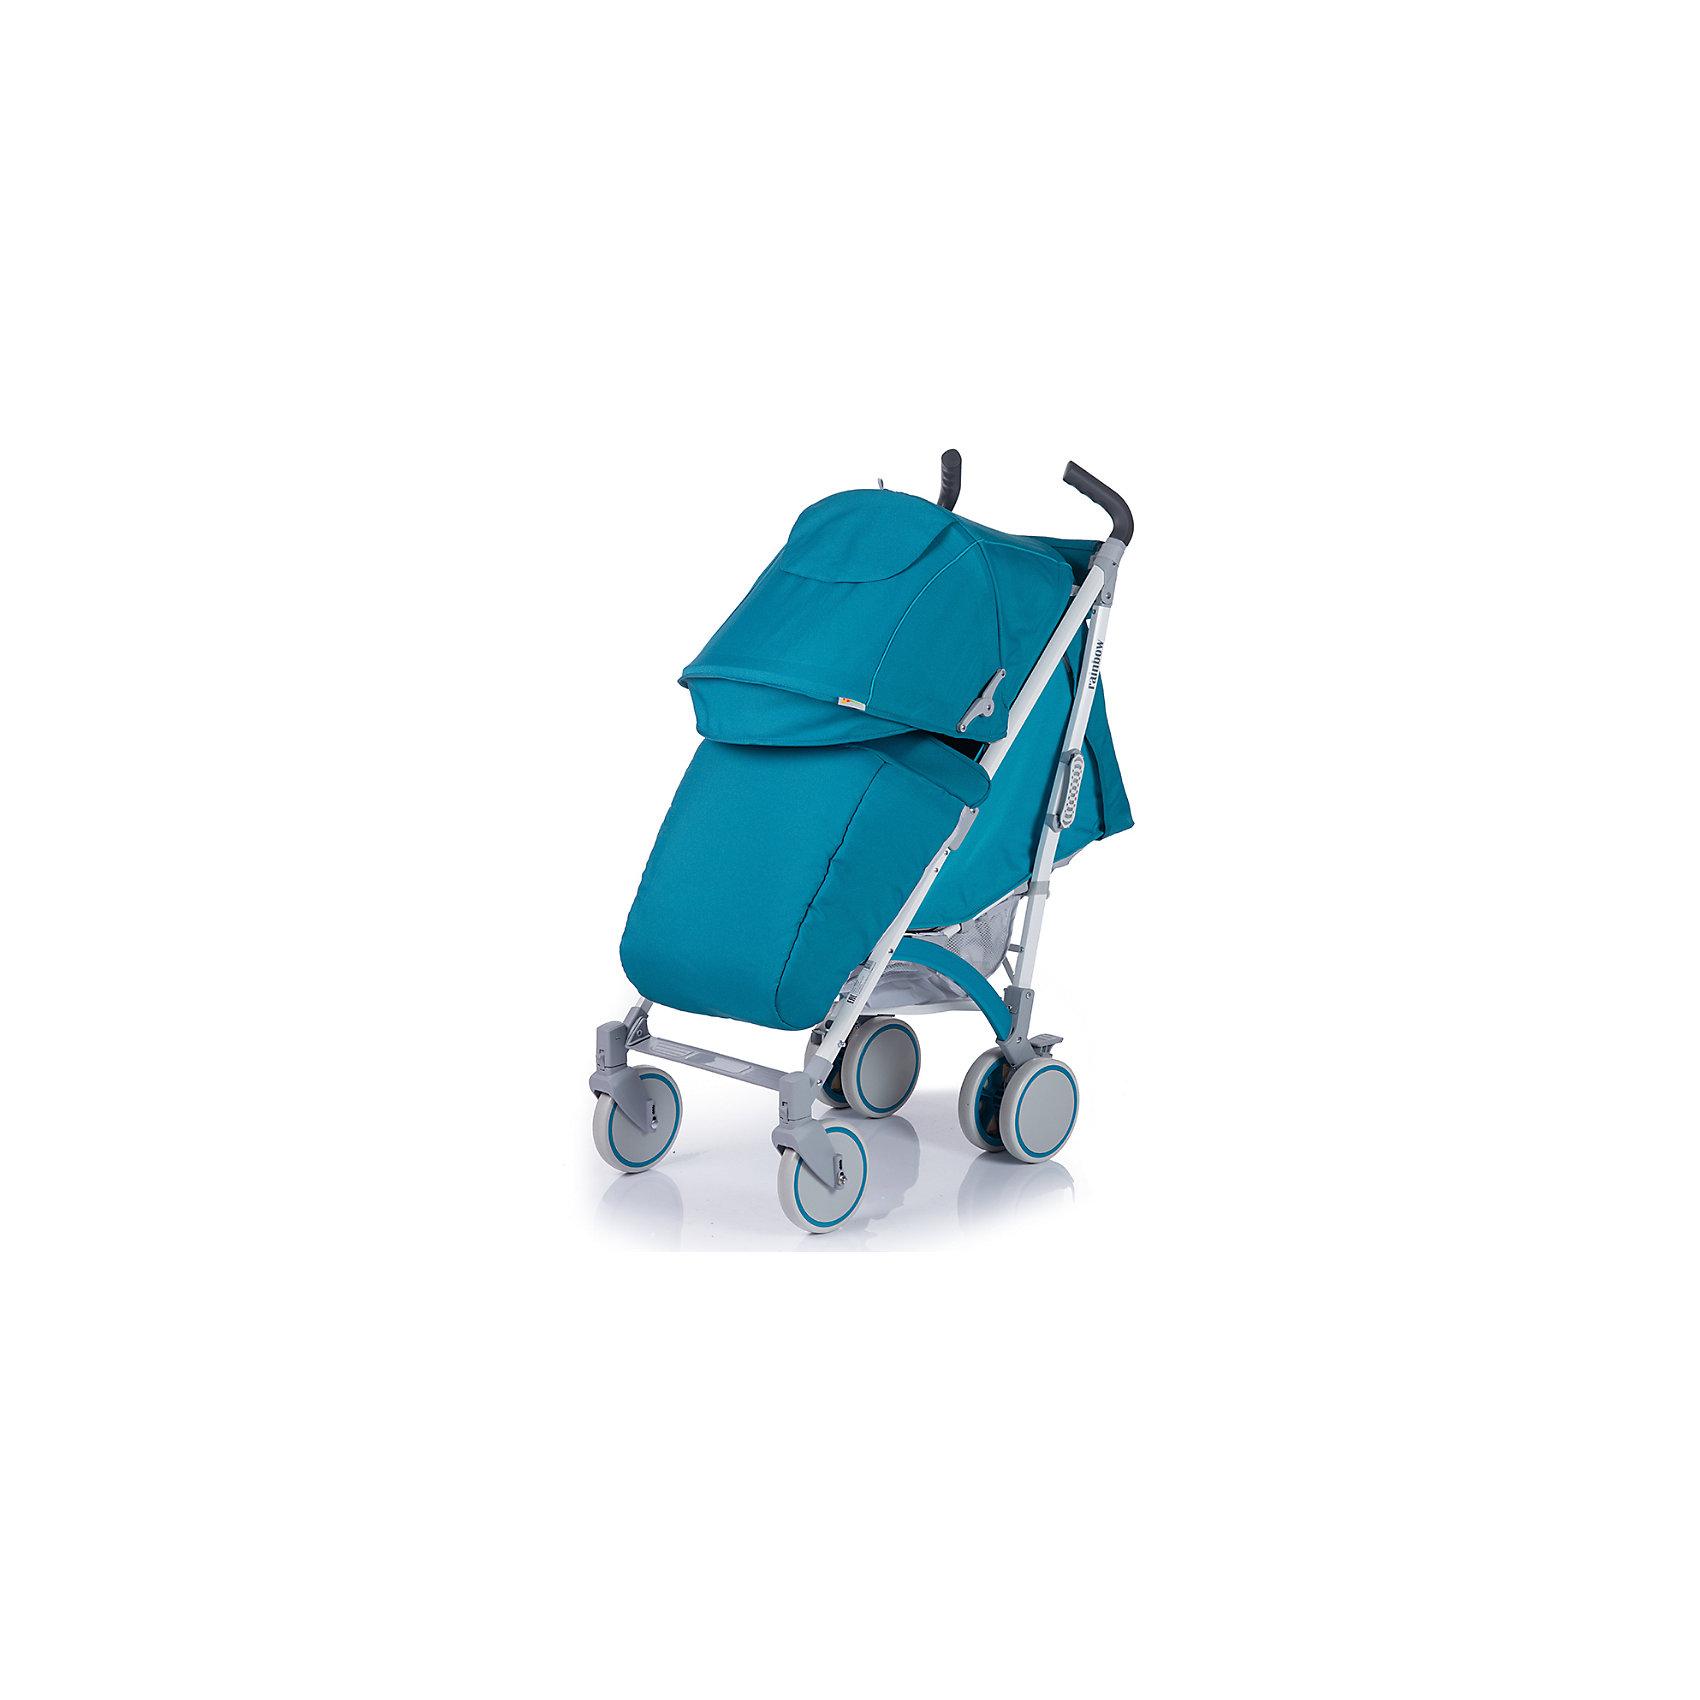 Коляска-трость Rainbow, Baby Hit, бирюзовыйОбновленная коляска-трость Babyhit Rainbow:<br><br>Прогулочная коляска-трость предназначена для детей от 6-ти месяцев до 3-х лет.<br>Спинка сиденья регулируется в 3-х положениях для комфортного отдыха ребенка.<br>5-ти точечные ремни безопасности с мягкими плечевыми накладками и паховый ремень надежно удержат малыша на прогулке.<br>Бампер предназначен для дополнительной безопасности, снимается при необходимости.<br>Подножка регулируемая.<br>Капюшон-батискаф опускается до бампера.<br>Передние поворотные колеса с возможностью фиксации в положении прямо.<br>Все колеса амортизированы.<br>В сложенном виде коляску легко переносить с помощью удобной ручки.<br>Коляска автоматически блокируется при складывании.<br>Корзинка для покупок расположена в нижней части коляски.<br>Размеры коляски в разложенном виде: 85/43/108 см.<br>Ширина сиденья: 35 см.<br>Высота спинки: 47 см.<br>Глубина сиденья: 25 см.<br>Длина подножки: 13 см.<br>Размер спального места при поднятой подножке - 85 х 35 см.  <br>Диаметр колес: 18 см.<br>Вес коляски - 7,4 кг.<br>В комплекте:<br>Чехол для ножек. <br>Дождевик.<br>Москитная сетка.<br>Корзинка для покупок.<br>Сумочка на ручках<br>Отличительные особенности обновленной Babyhit Rainbow: увеличенный по длине полог, полностью съемная ткань (чехол), эргономичные полиуретановые ручки.<br><br>Ширина мм: 260<br>Глубина мм: 250<br>Высота мм: 900<br>Вес г: 10000<br>Возраст от месяцев: 6<br>Возраст до месяцев: 36<br>Пол: Унисекс<br>Возраст: Детский<br>SKU: 5584577